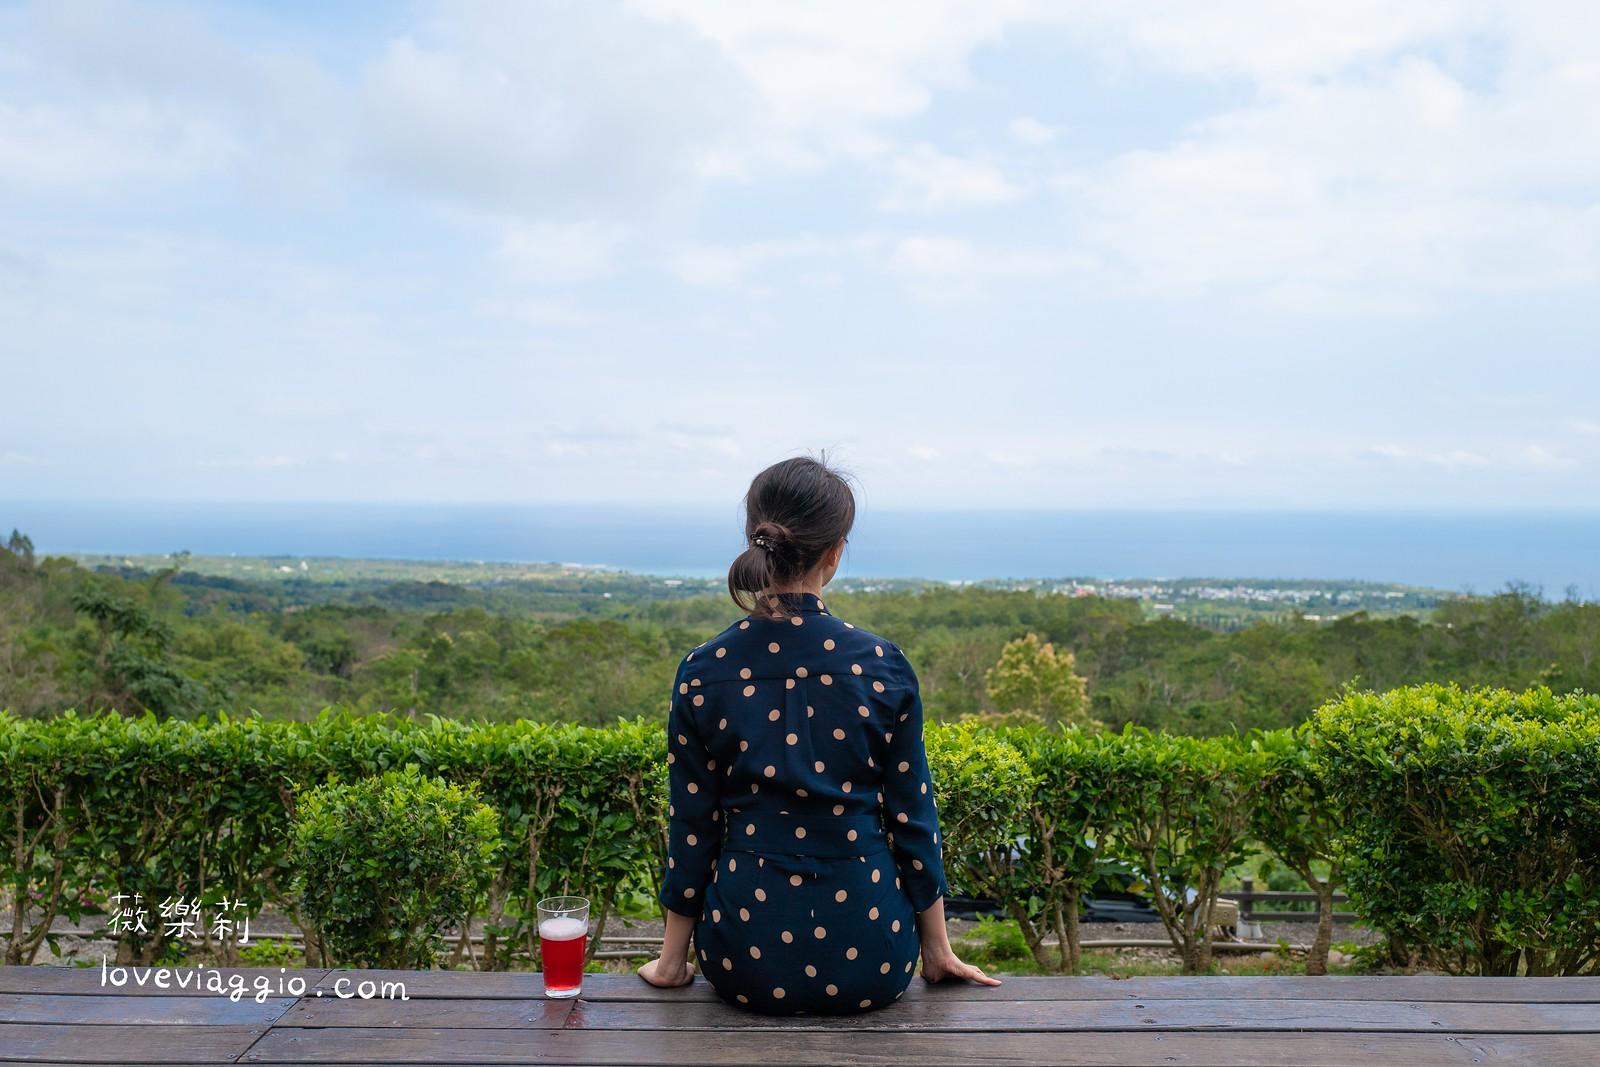 【台東 Taitung】月光小棧 都蘭的山與海 咖啡|海景|藝廊 @薇樂莉 Love Viaggio | 旅行.生活.攝影